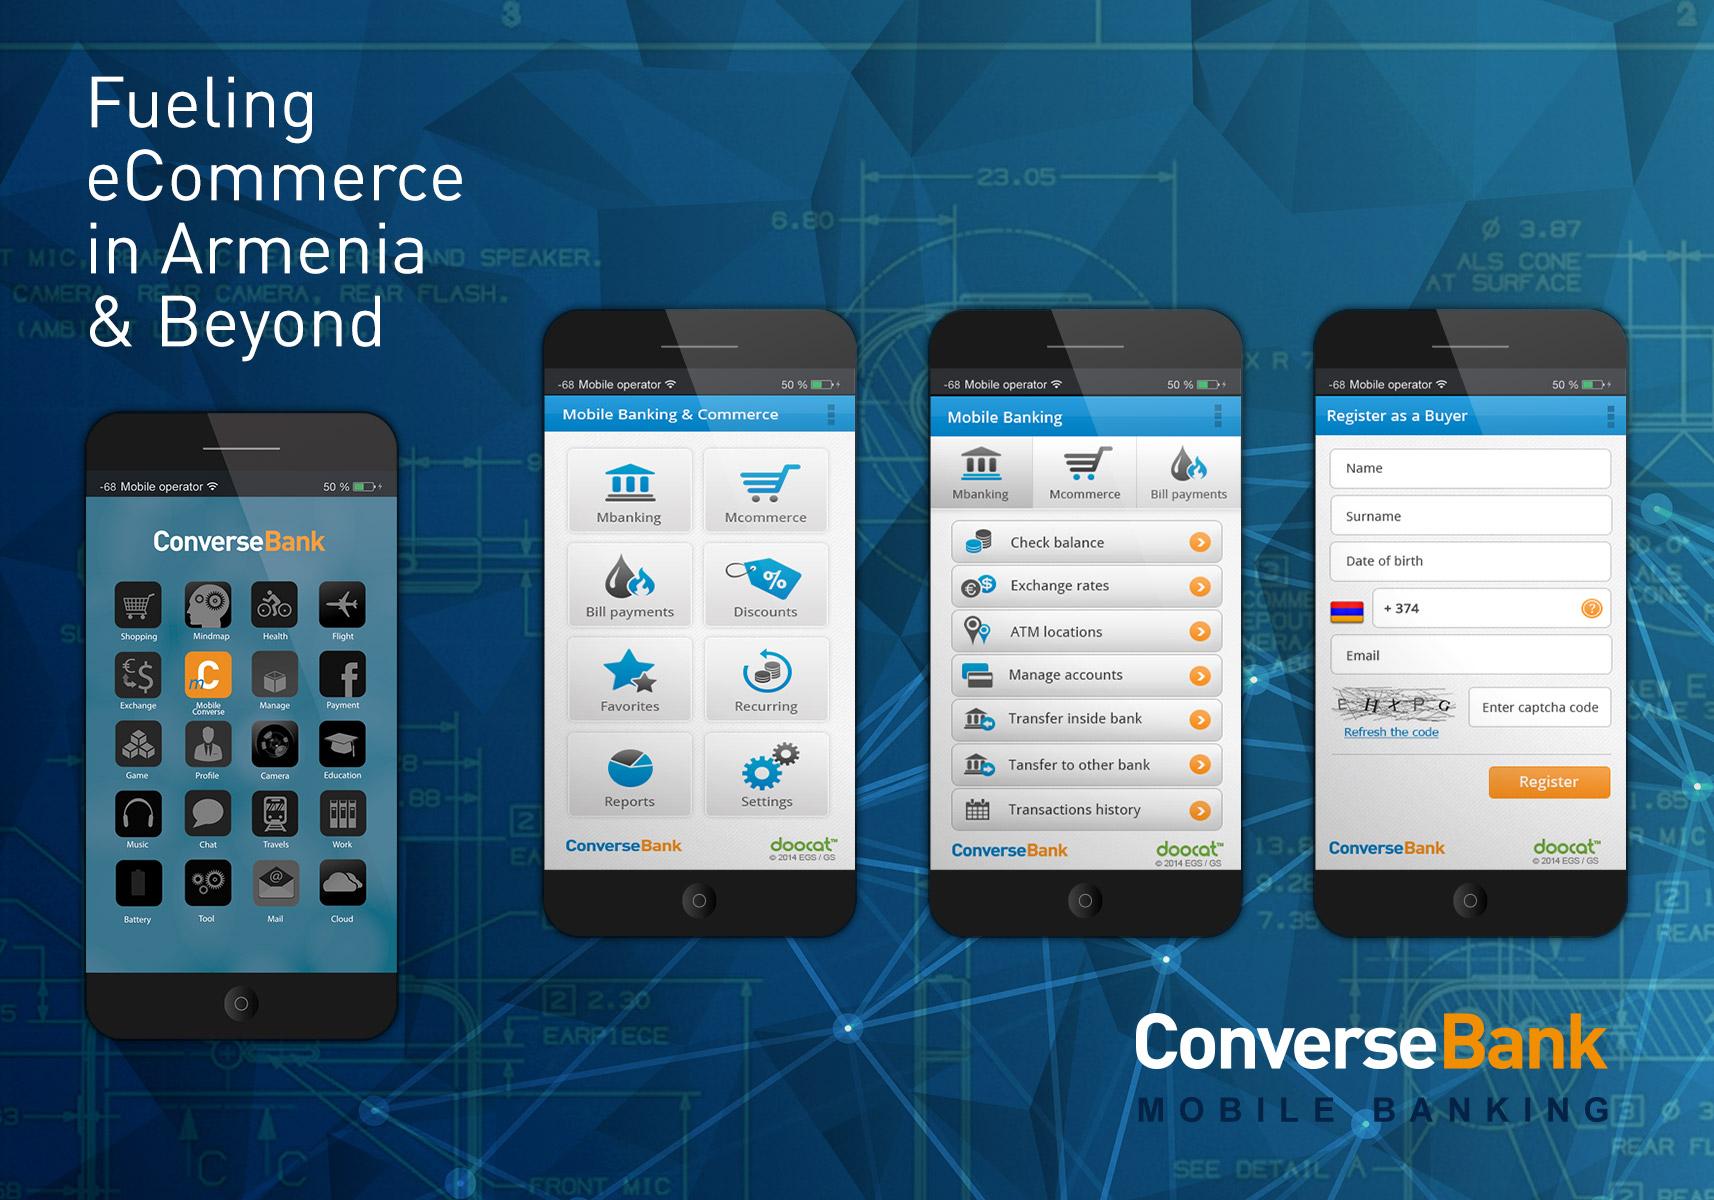 mConverse հավելված. առաջին մոբայլ բանկը Հայաստանում